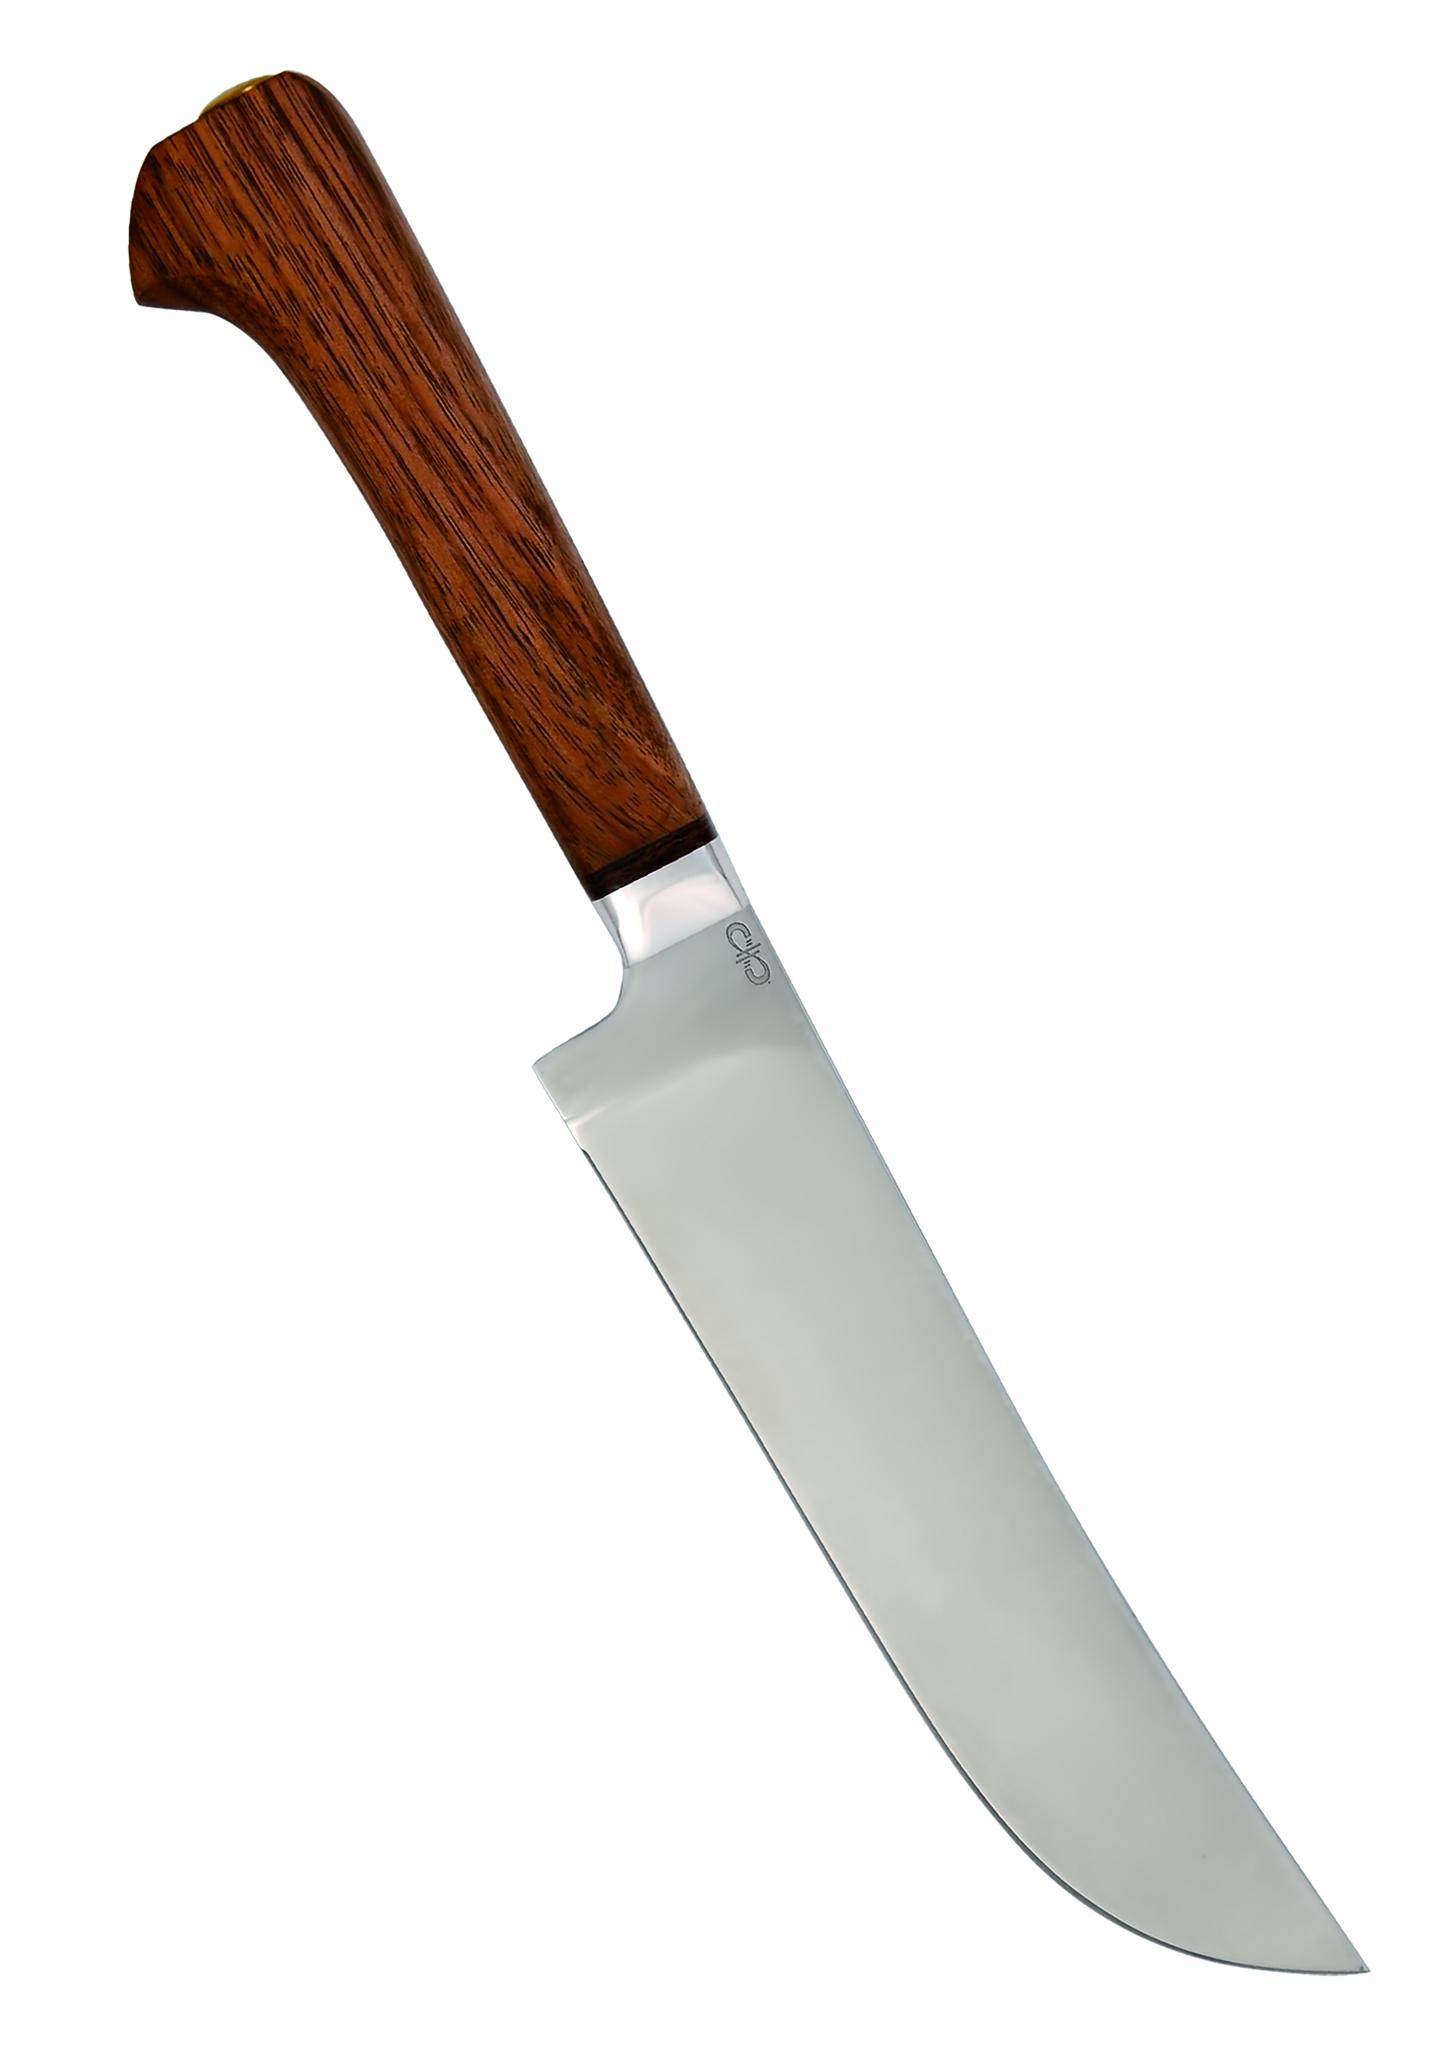 Нож разделочный Пчак, рукоять дерево, АиР